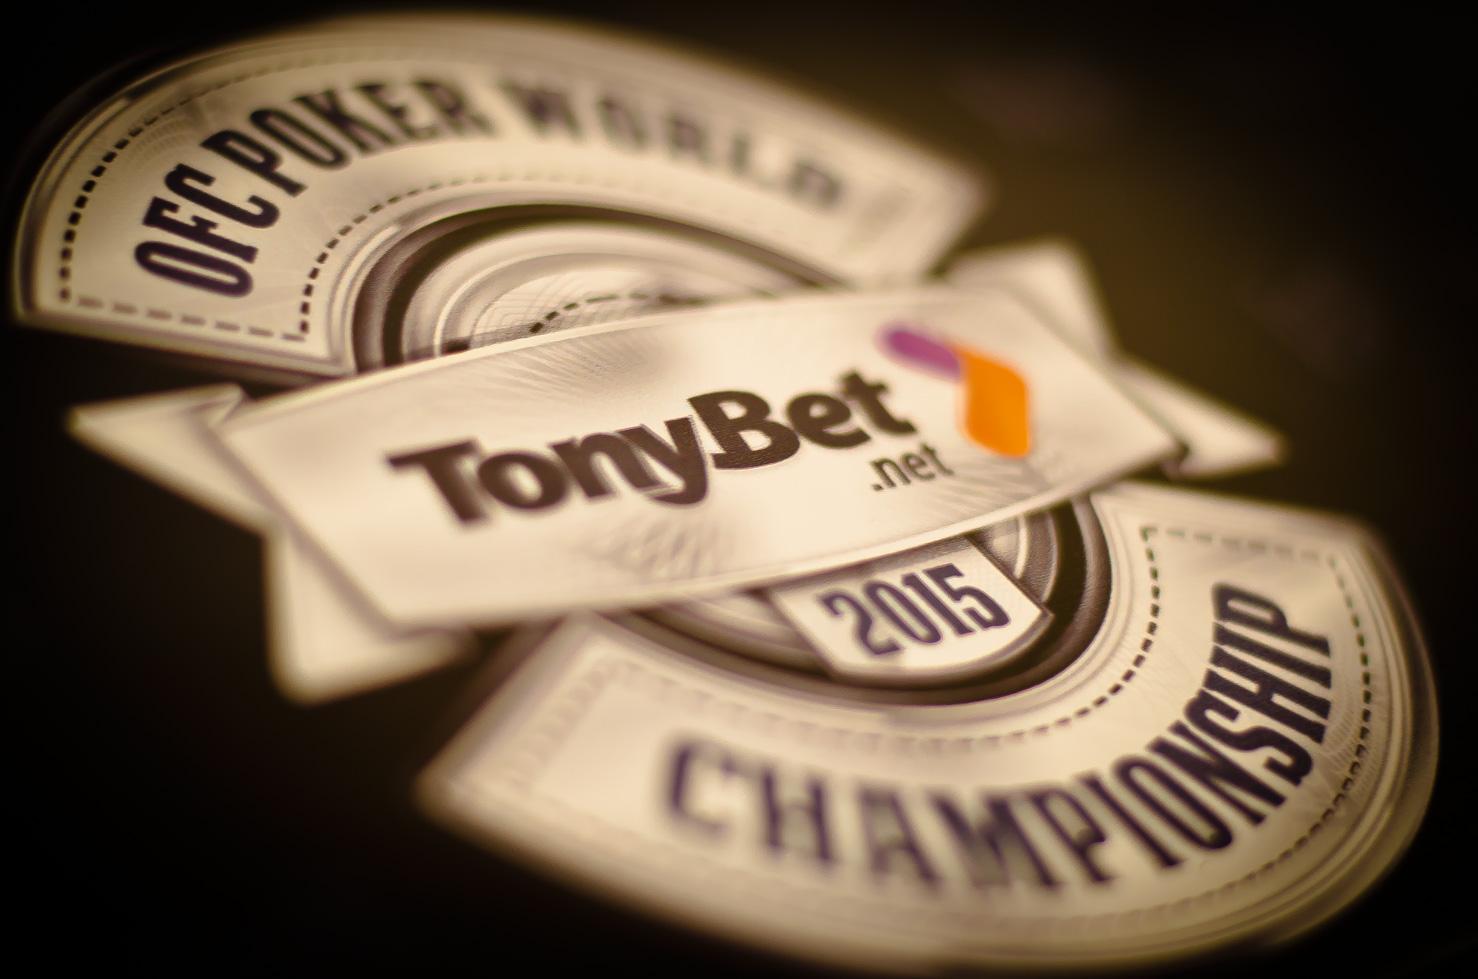 tonybet english